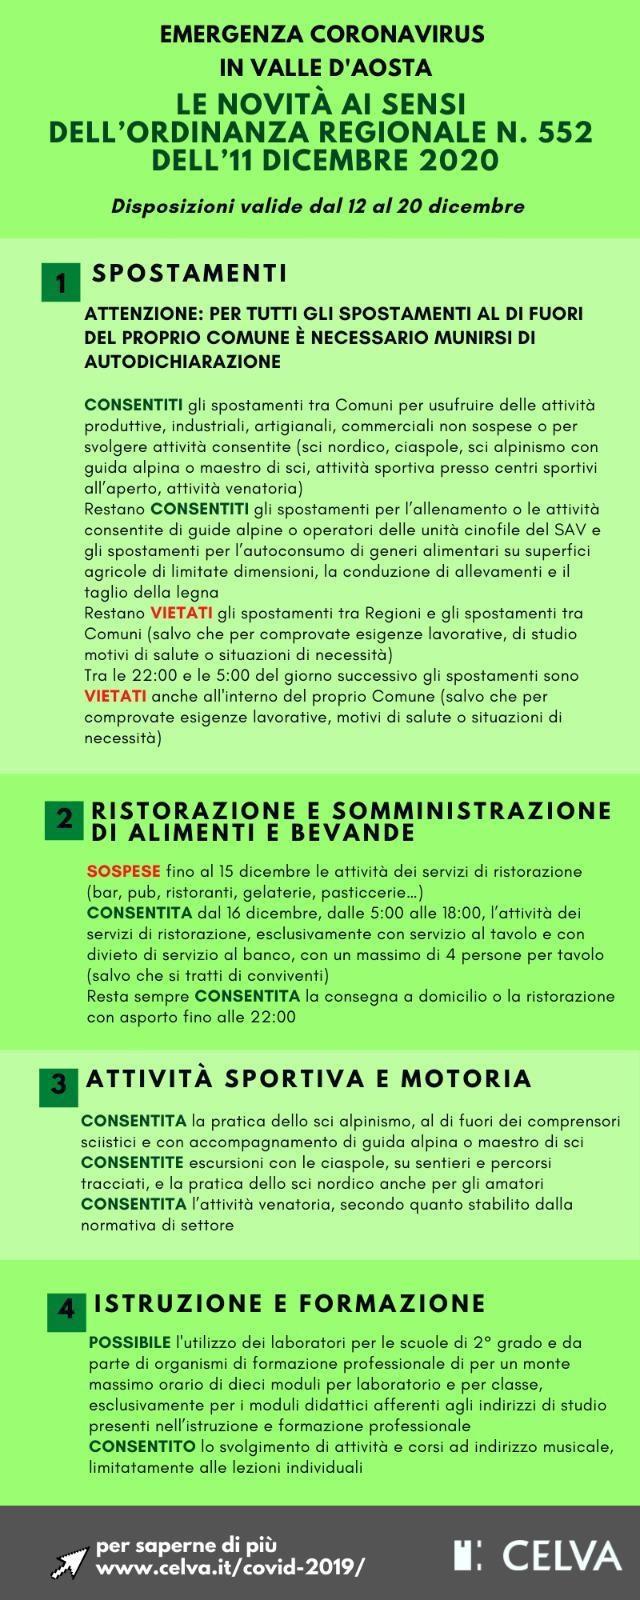 Covid-19: informazioni per nuove disposizioni.